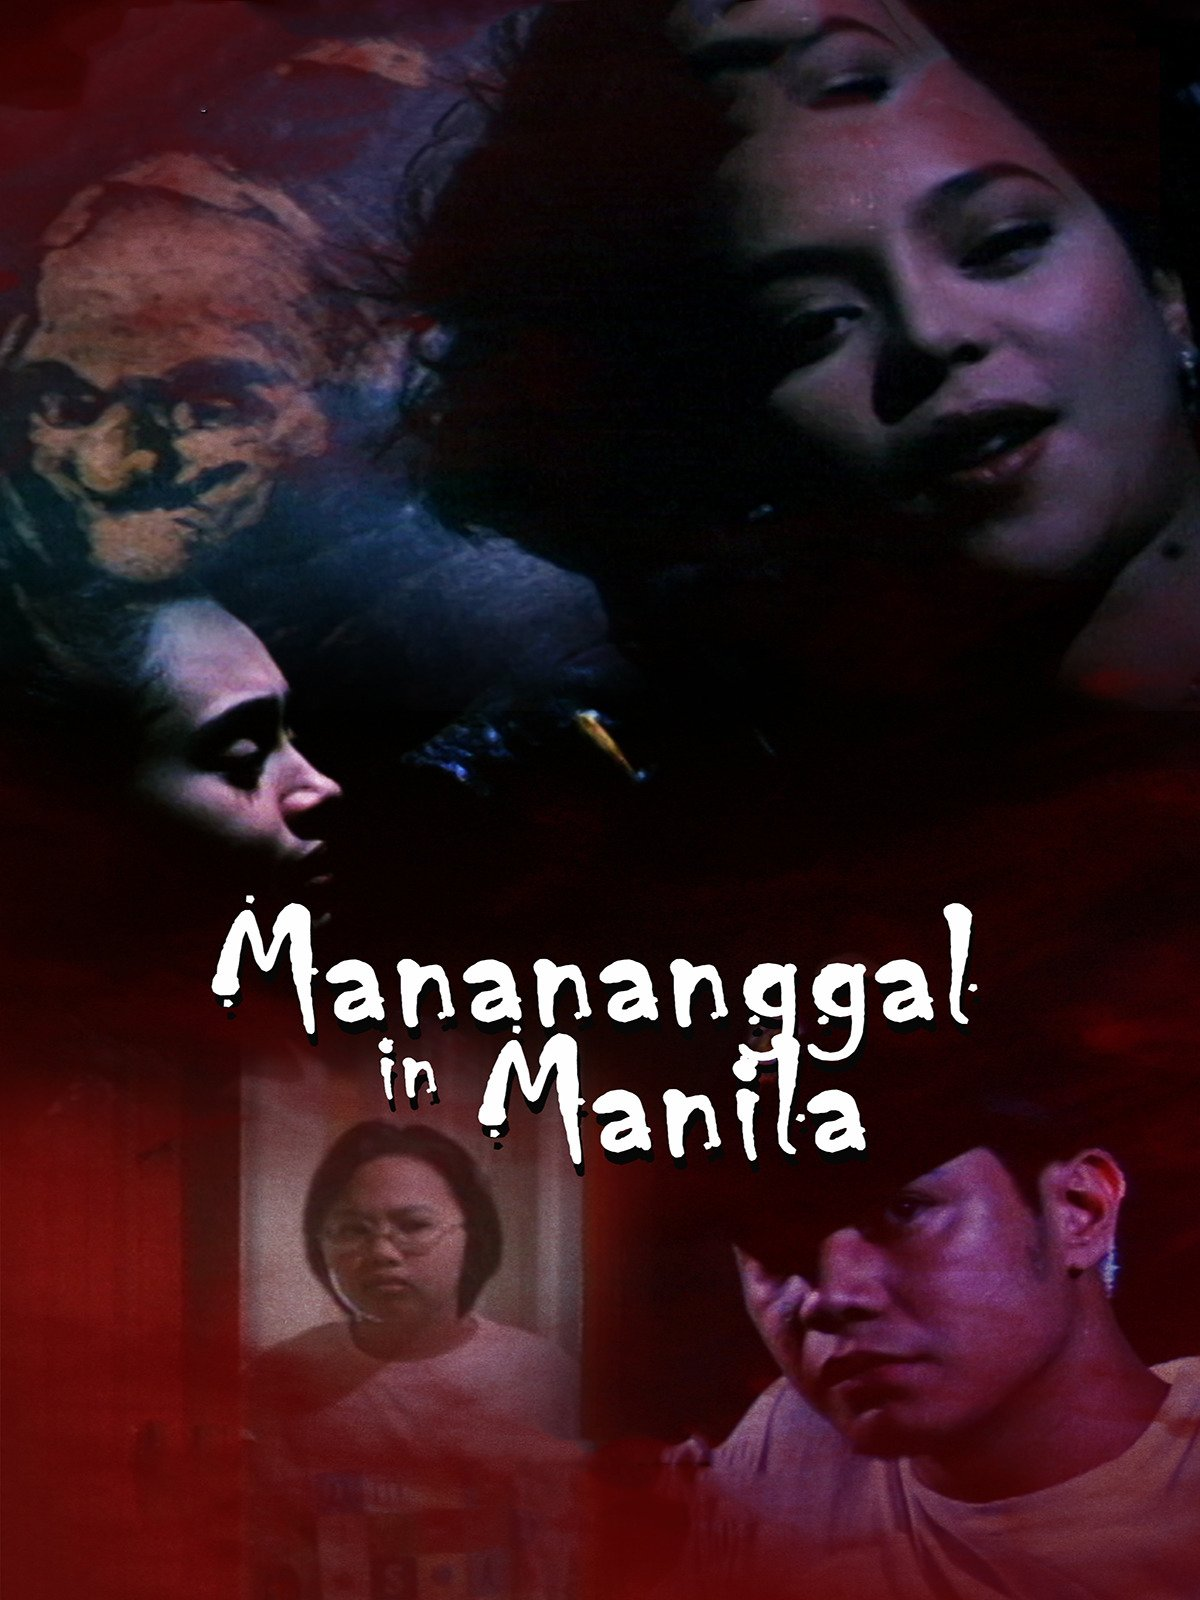 Ang Kapitbahay 2003 Tagalog Movie taliesin meets the vampires: june 2018